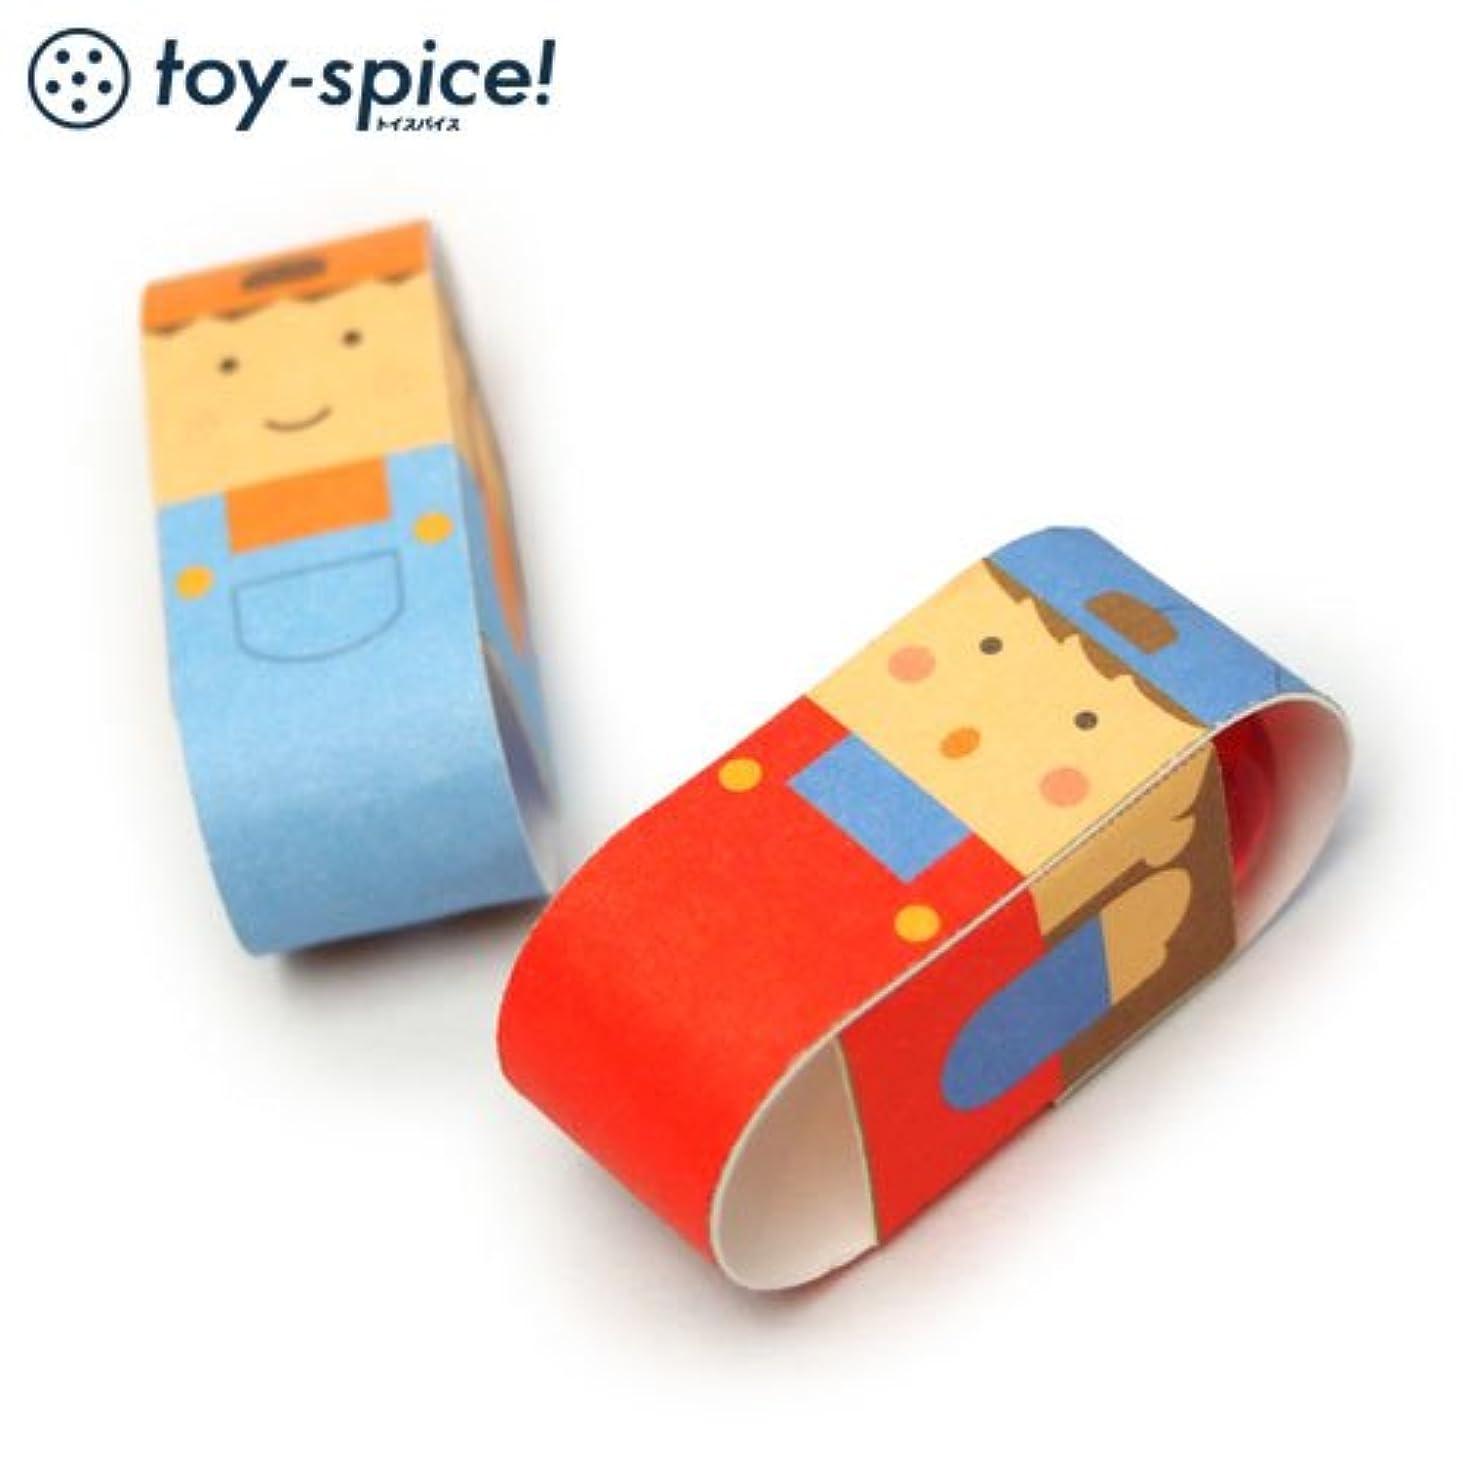 メディカル要求南極ポストカードTOYでんぐりきょうだい (016-1)素材付きタイプ紙のおもちゃ工作キットPostcard toy, Paper handmade kit